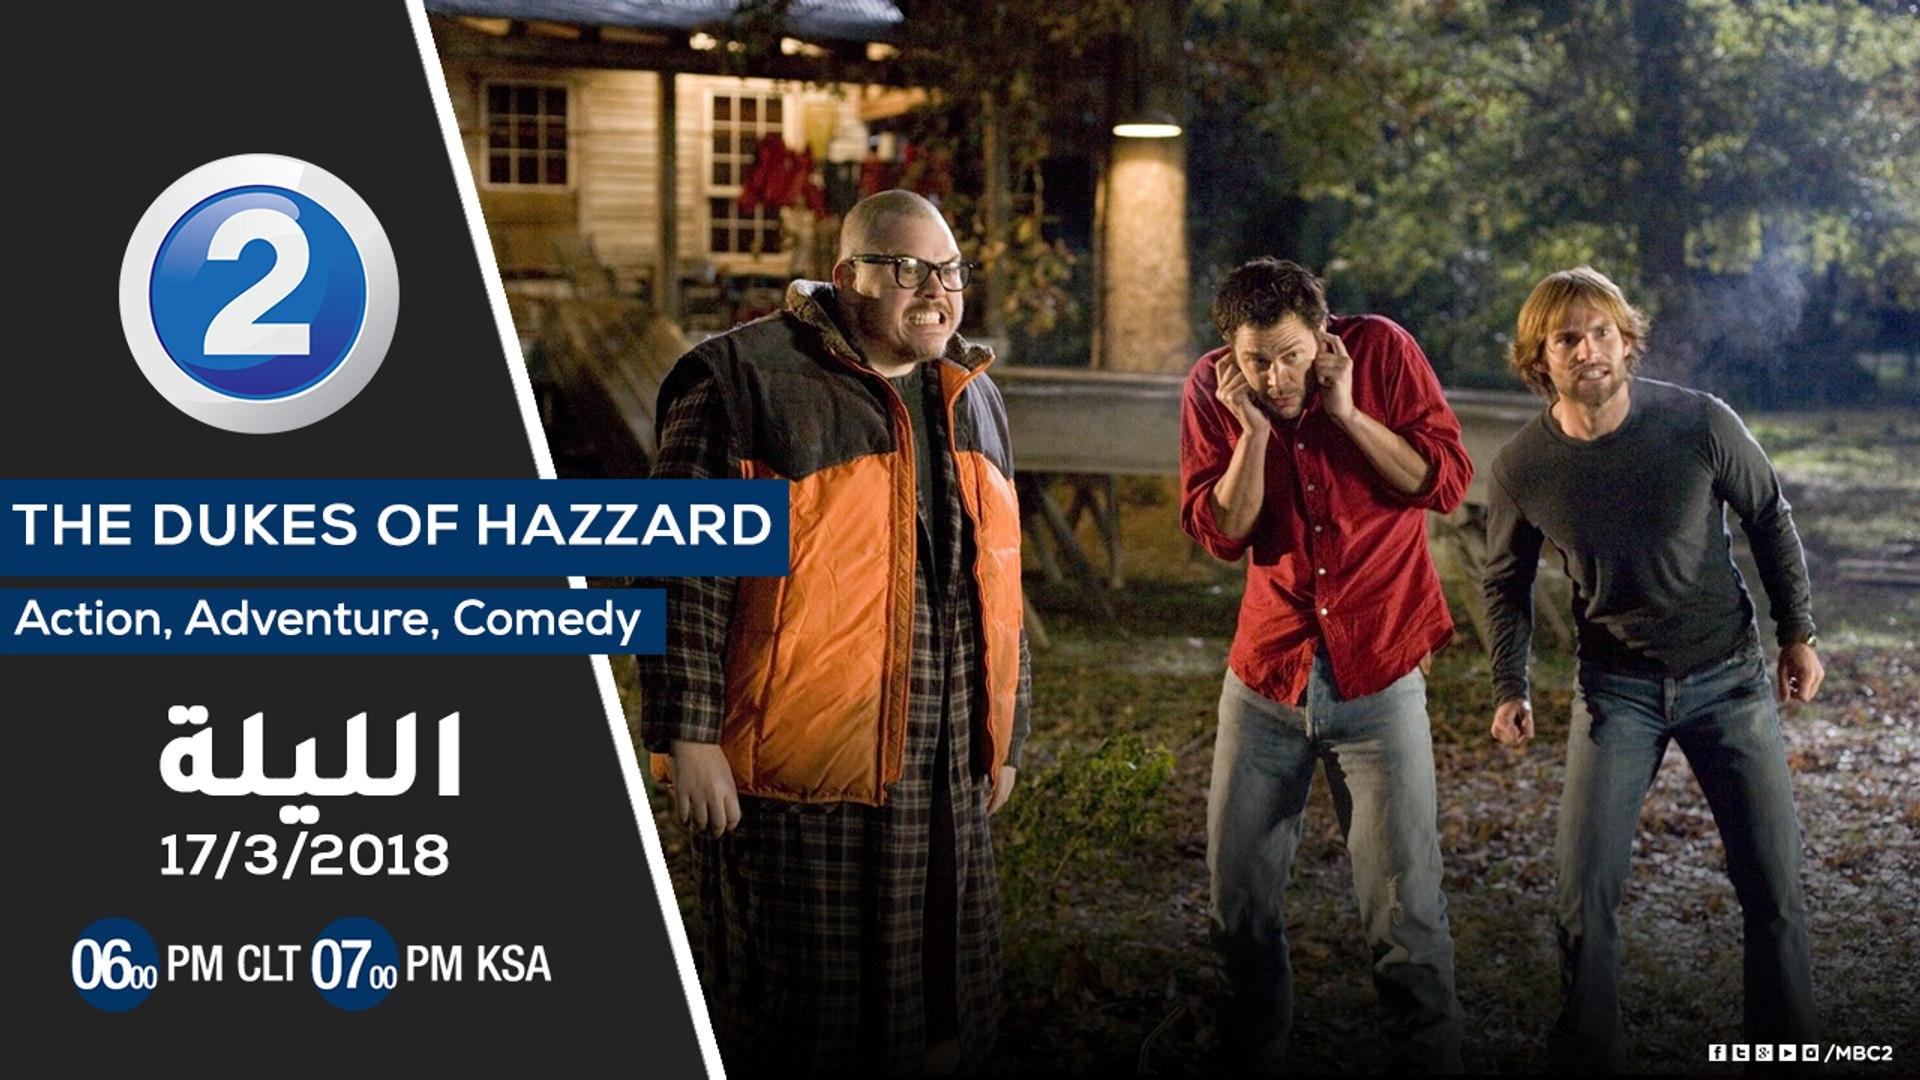 لعشاق أفلام الأكشن والكوميديا.. لاتفوتوا مشاهدة فيلم The Dukes of Hazzard الليلة على MBC2